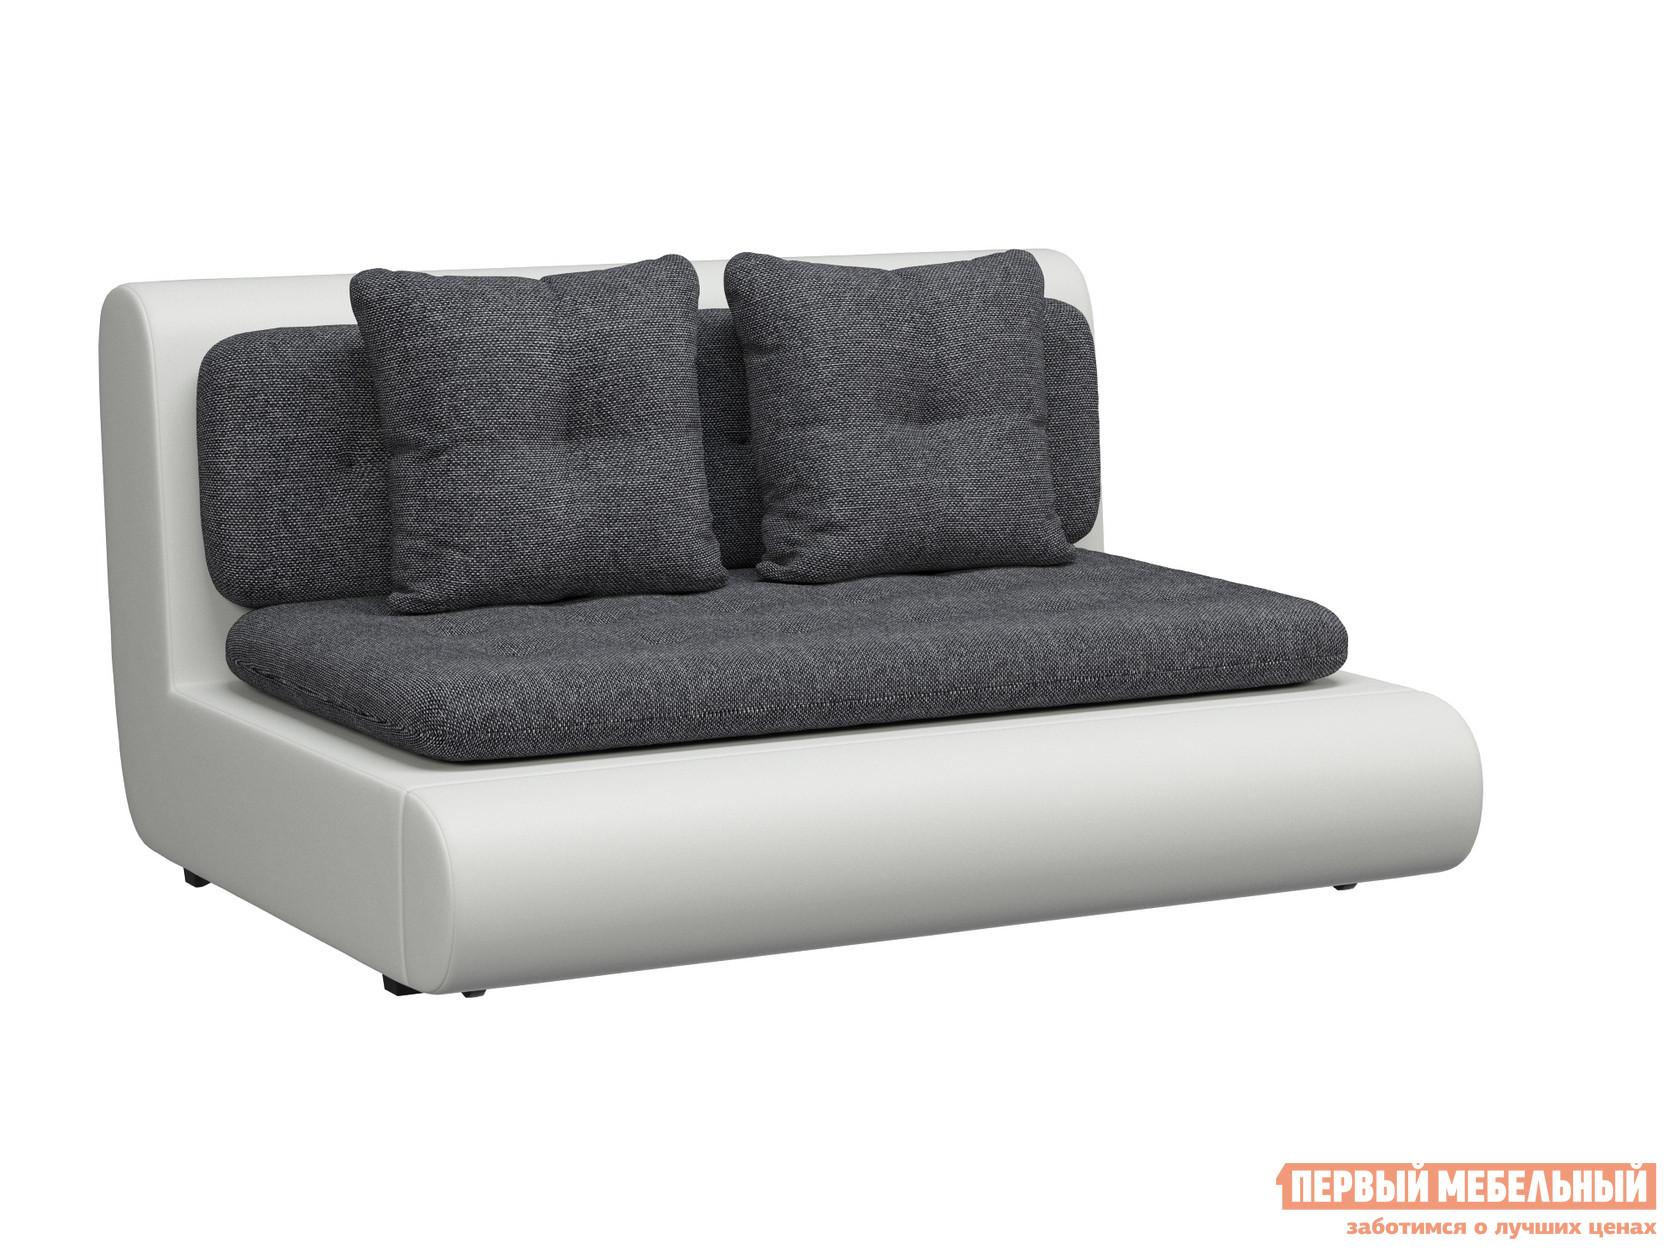 Диван-кровать WOODCRAFT Кормак раскладной модуль (секция 150) woodcraft диван кровать рейн р 1а